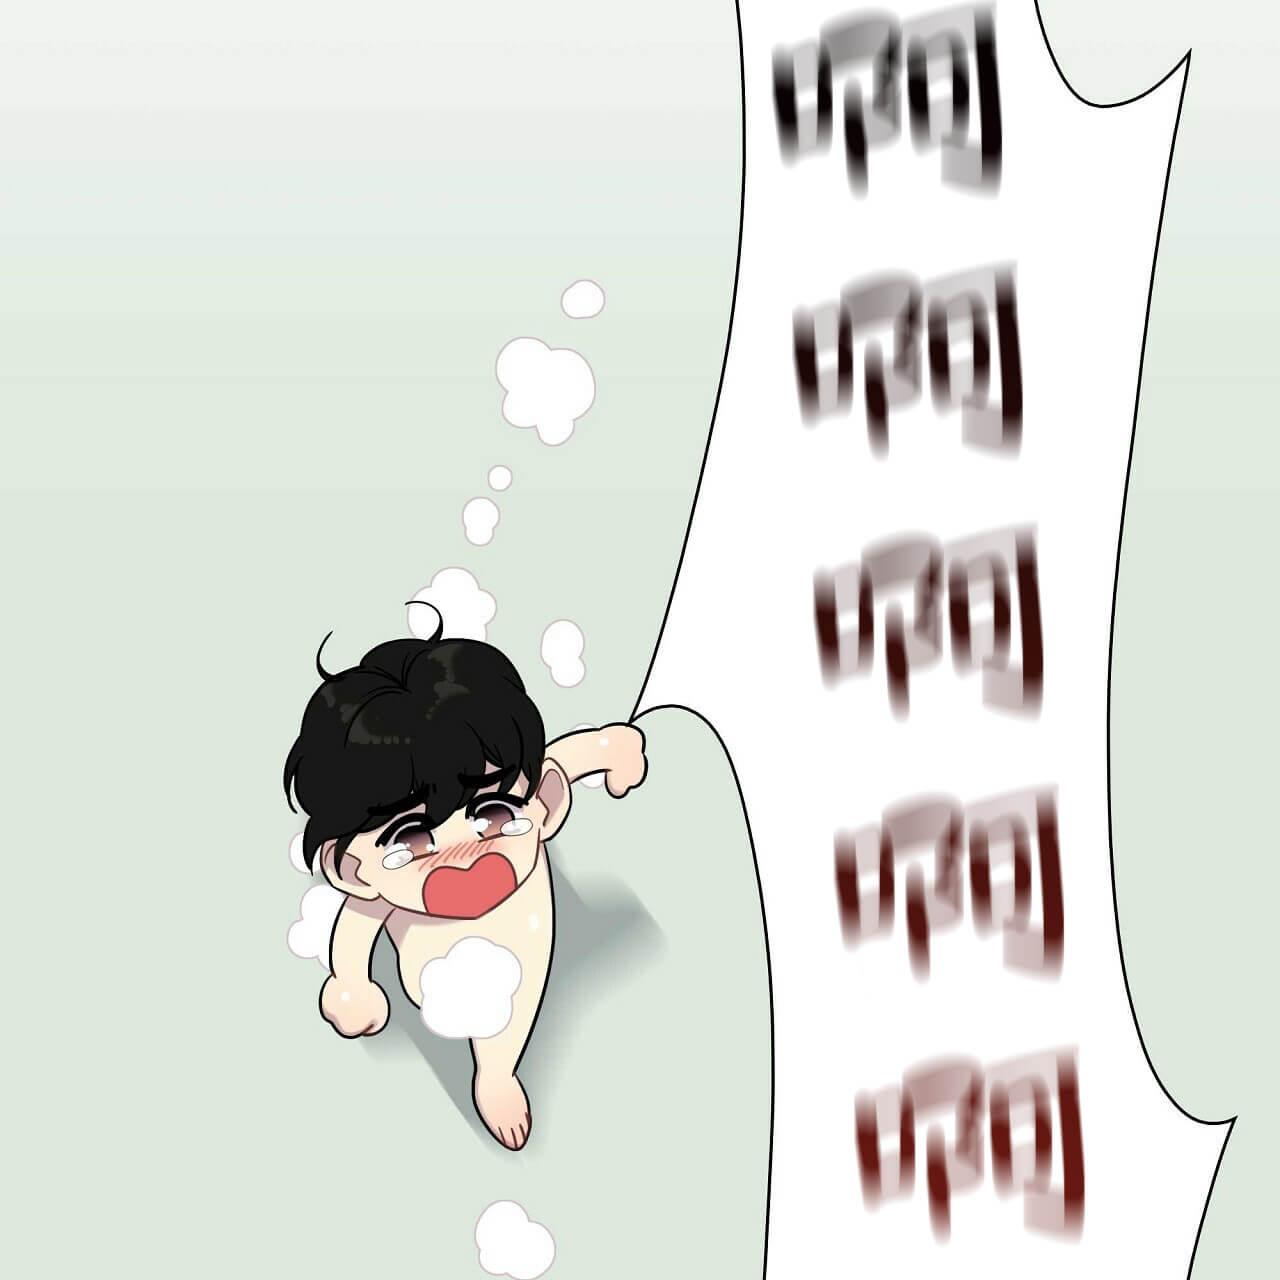 韩漫 |《恋爱杀虫剂》一场由杀虫剂开启的恋爱罗曼史~  第24张